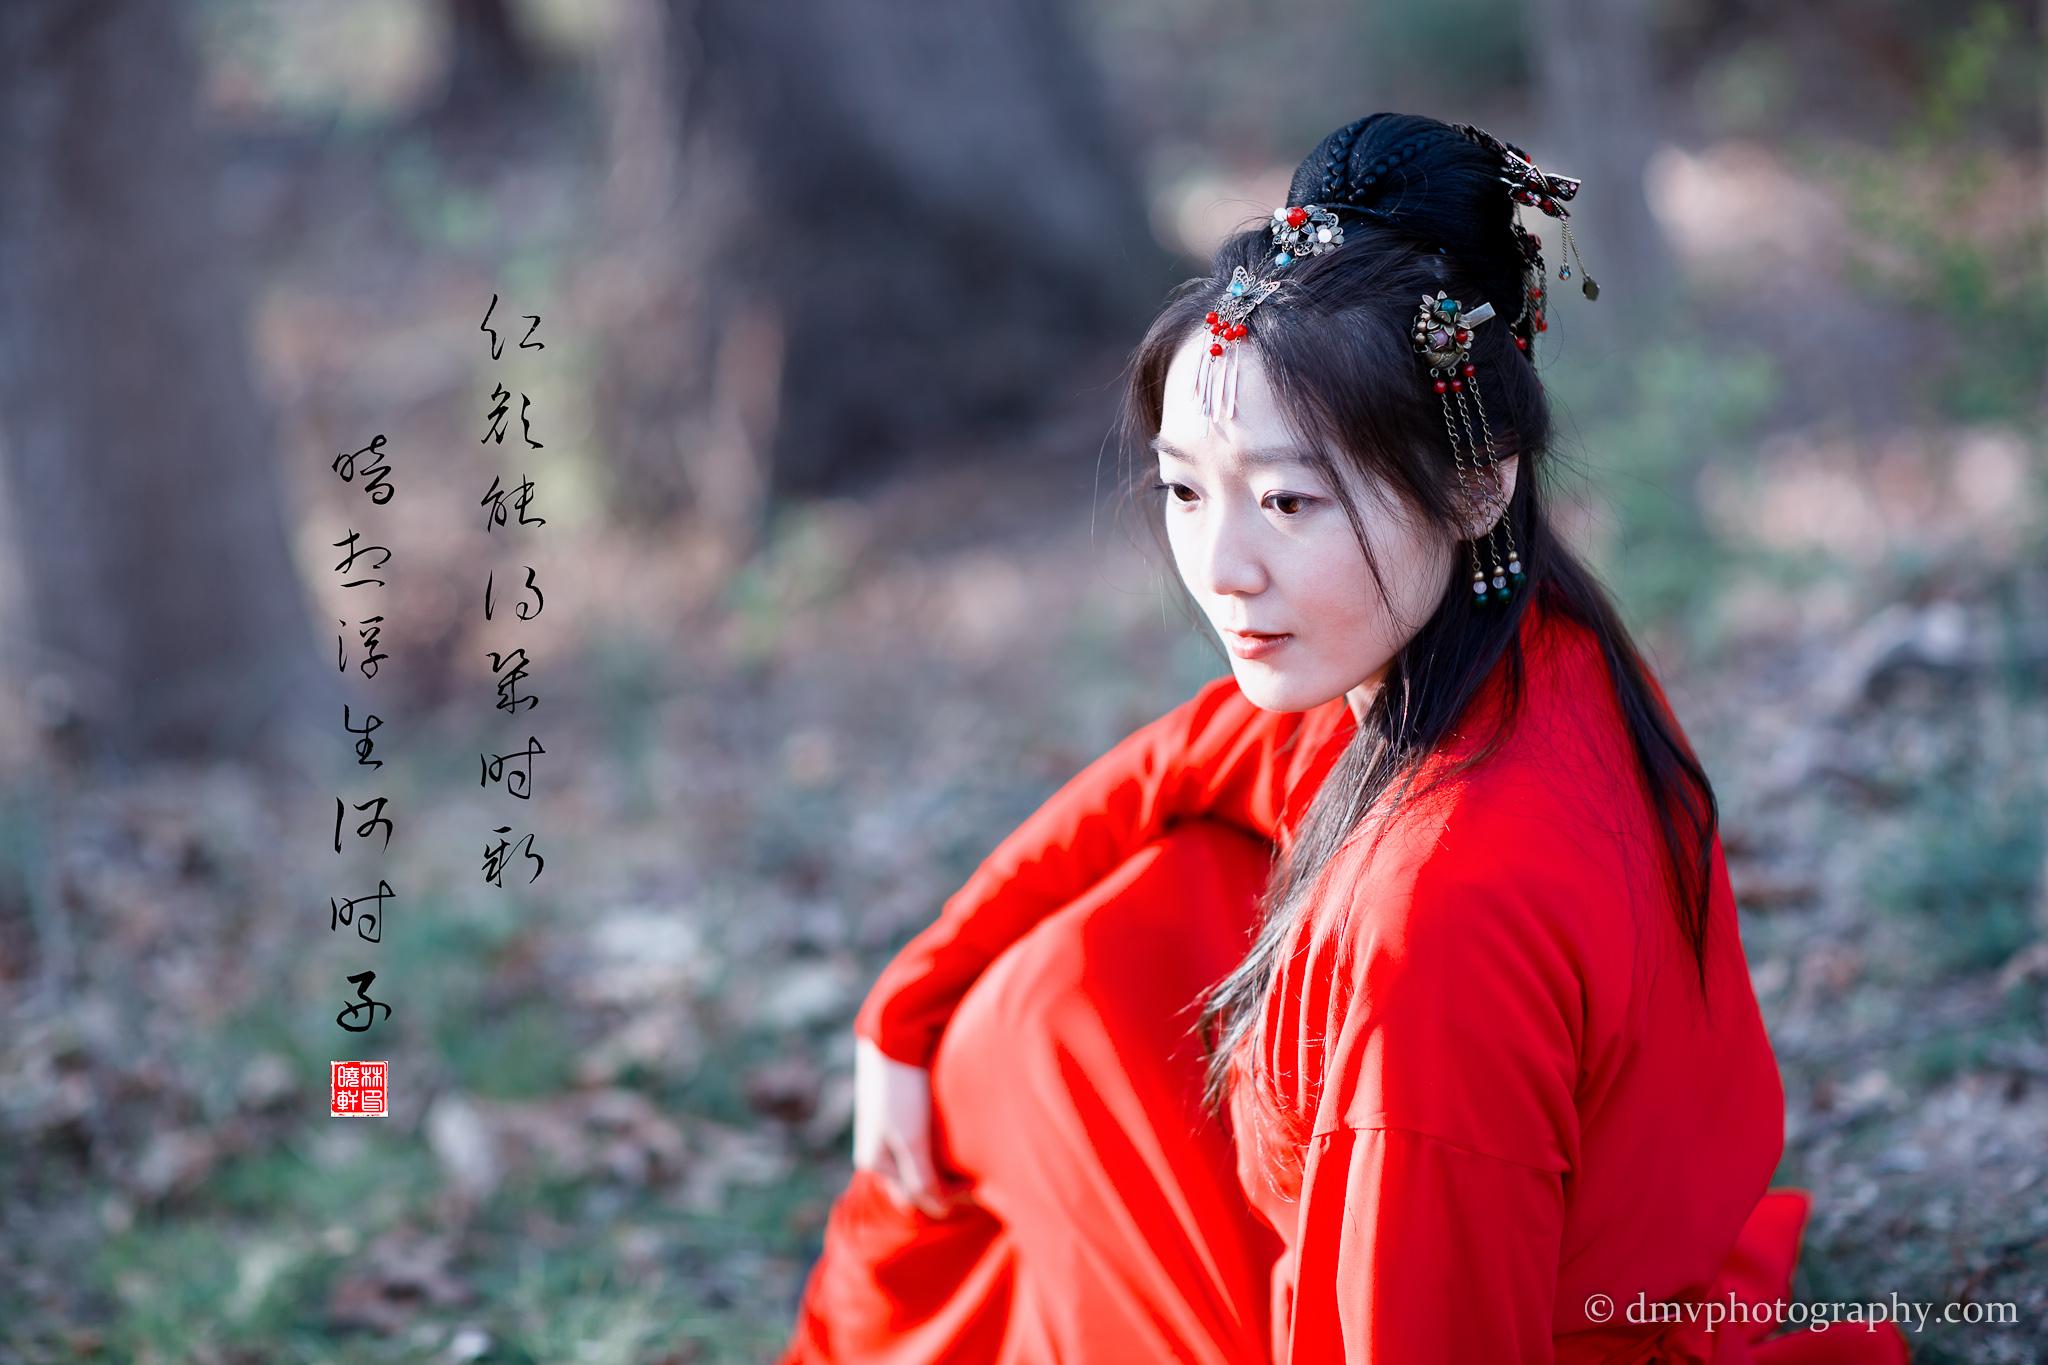 2016-04-20 - Zhu Xing - 00010